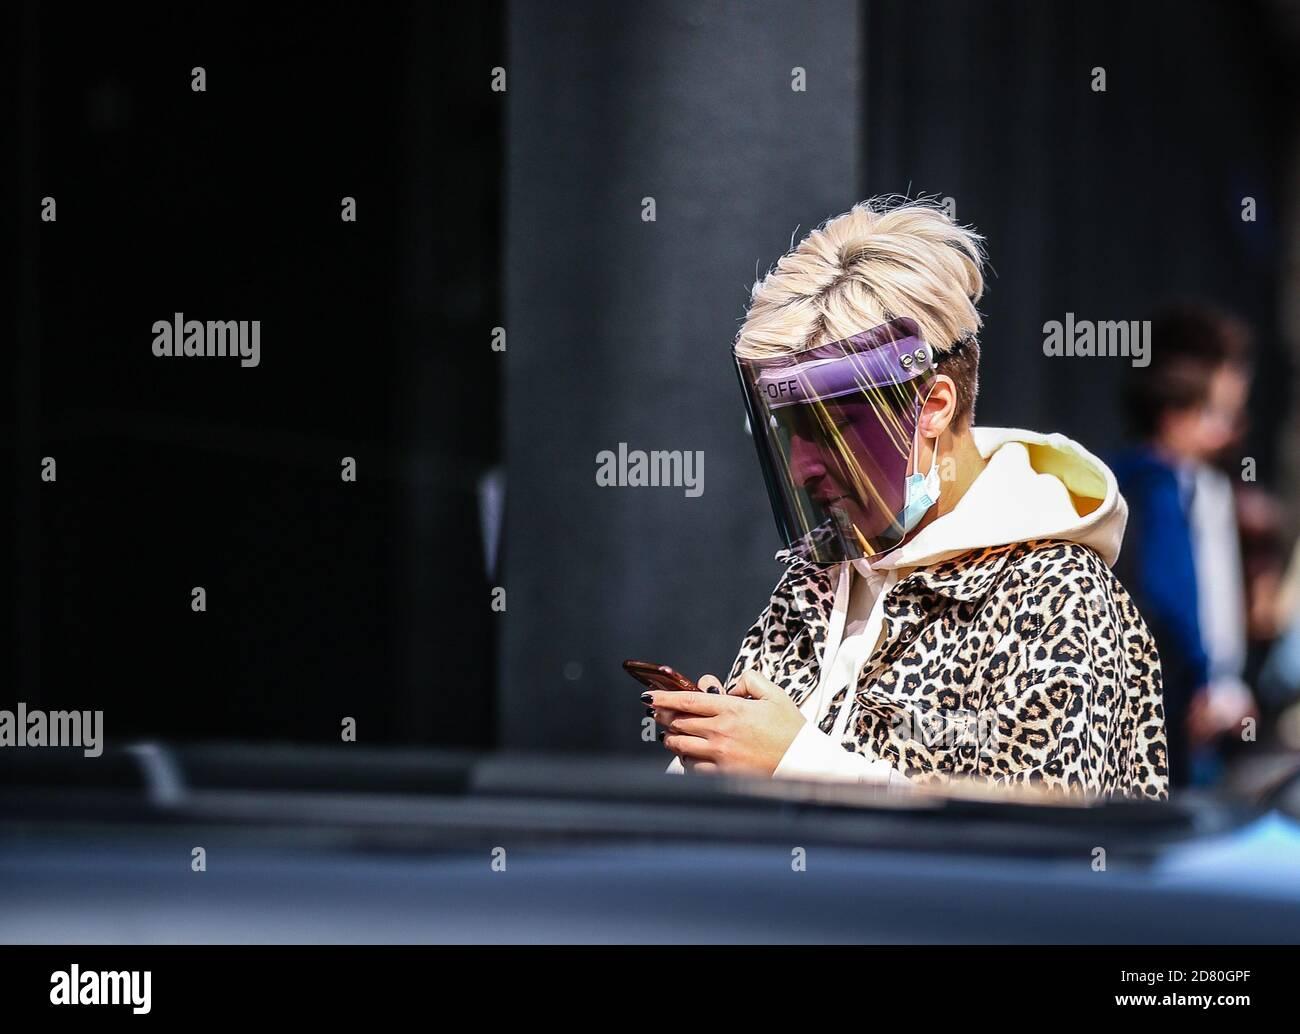 MILAN, Italie- septembre 26 2020: Les femmes dans la rue à Milan. Banque D'Images